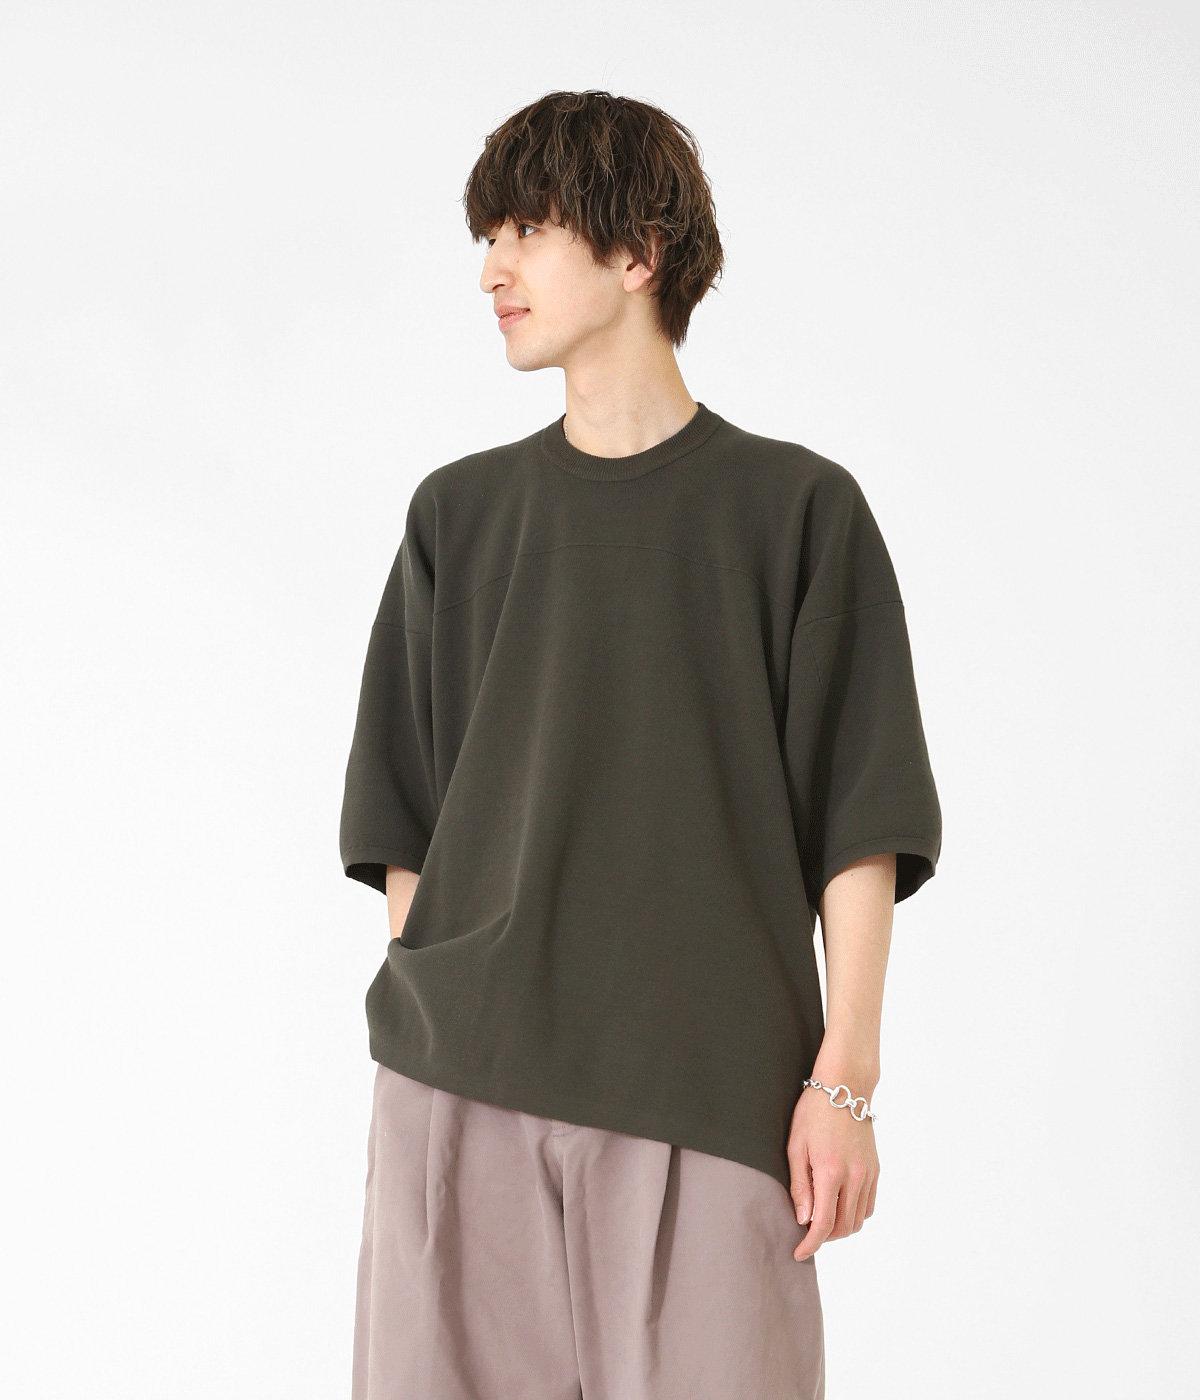 【ダークオリーブ】KANZAWA ( 181㎝/60㎏ ):フリーサイズ(ワンサイズ)